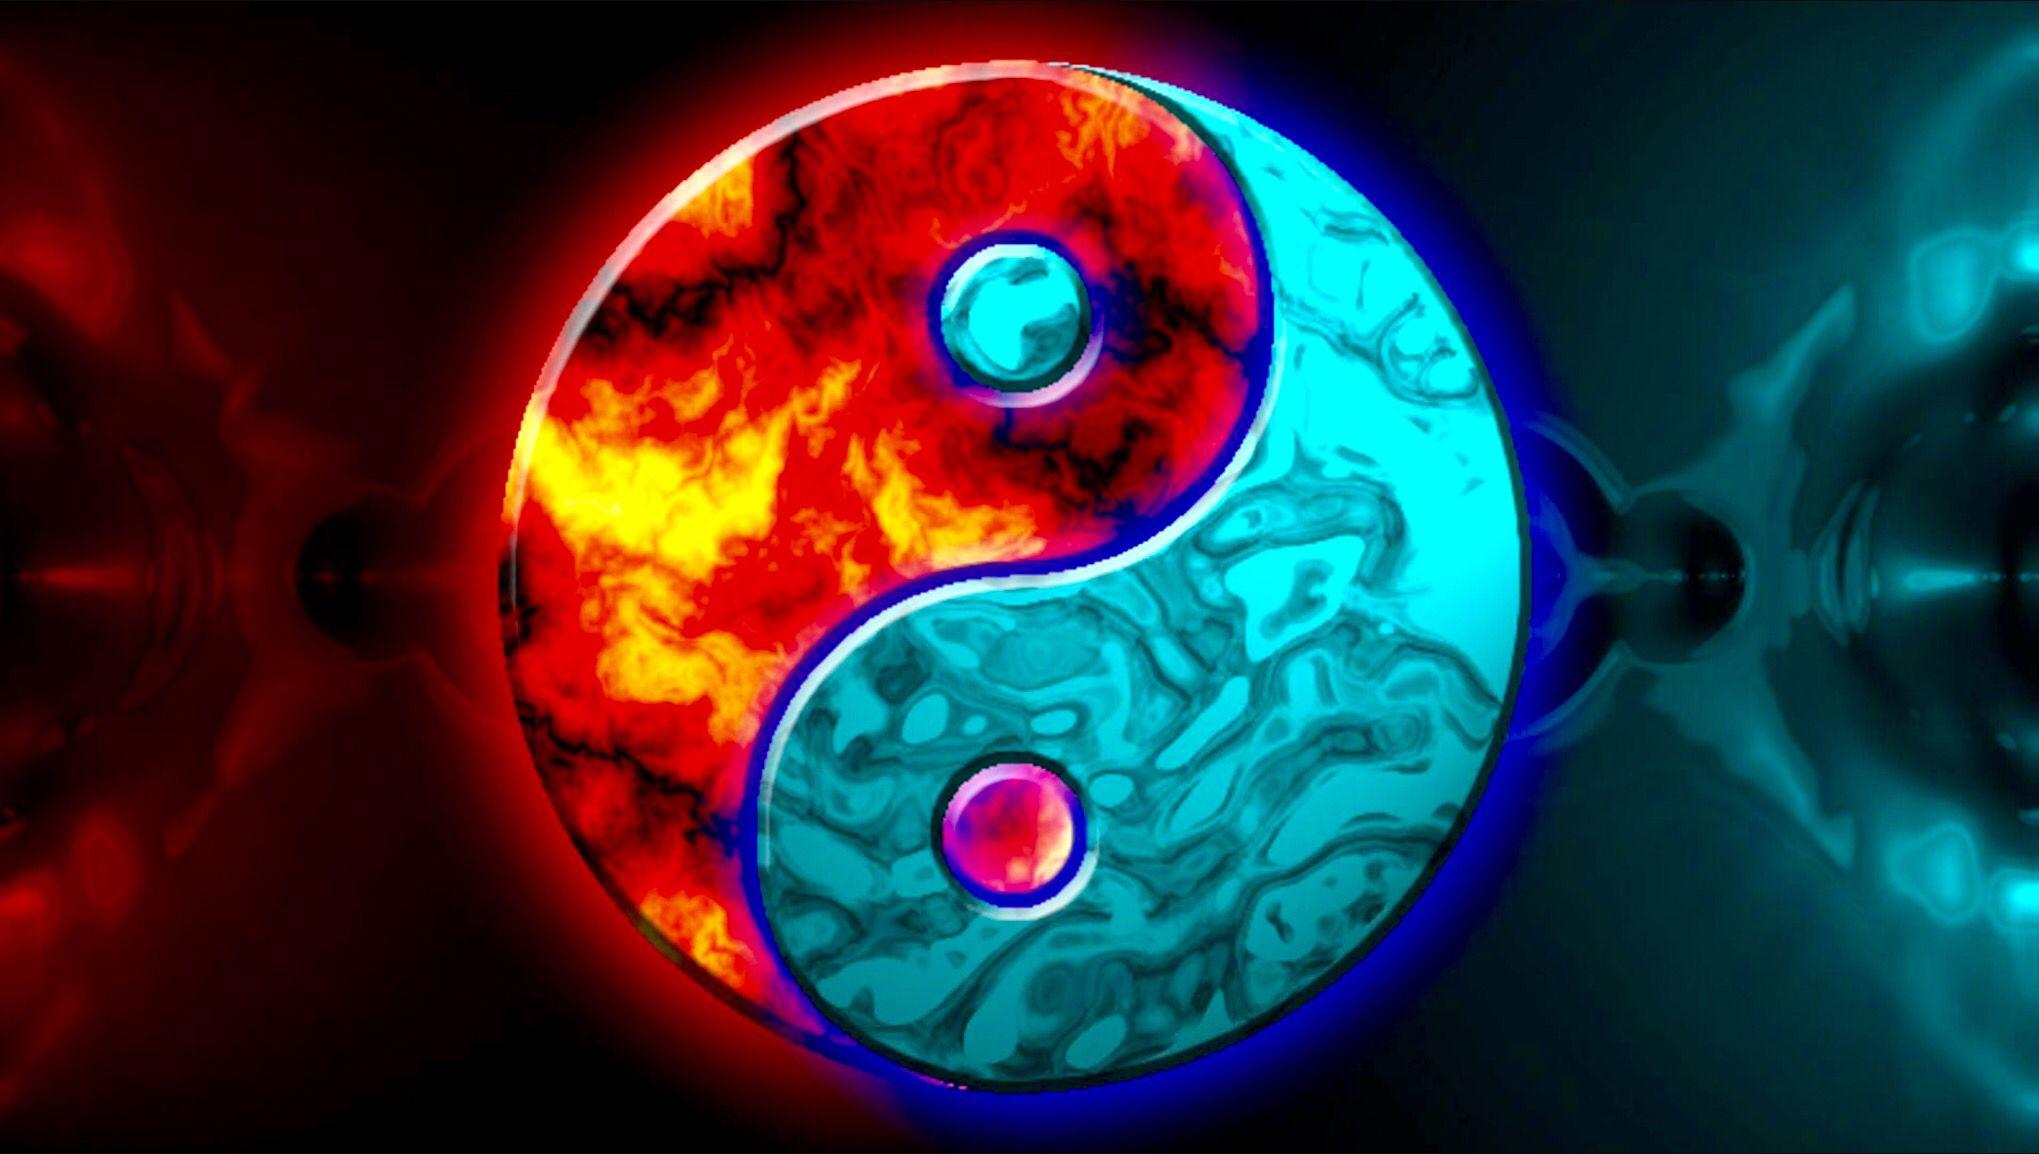 Cool Backgrounds Yin Yang